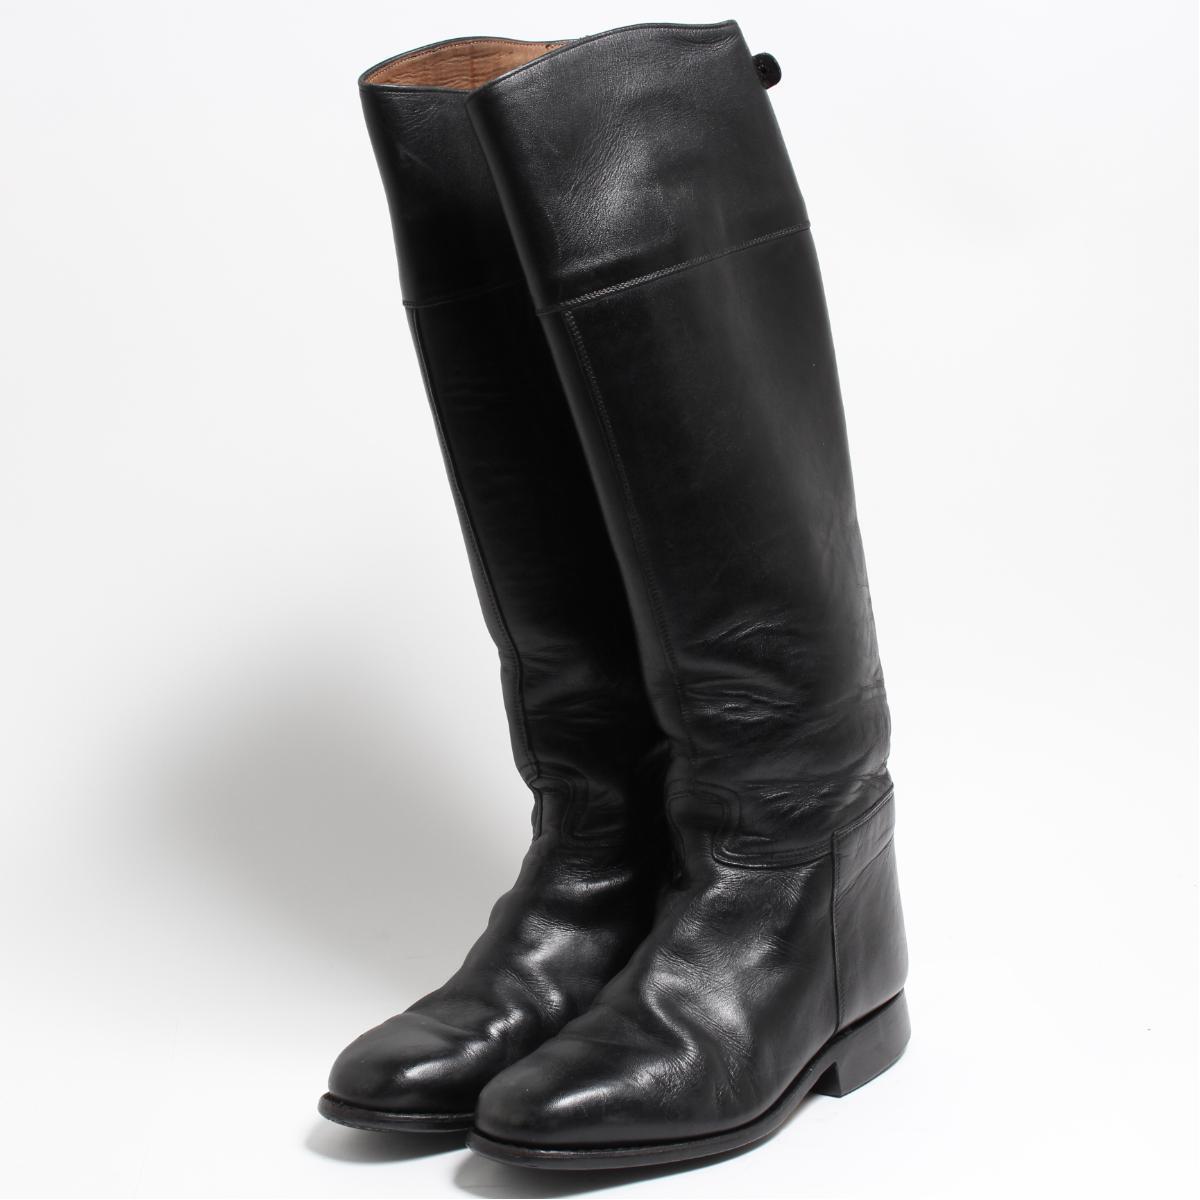 カバロ Cavallo ジョッキー乗馬ブーツ 4.5 レディース22.5cm /bon6103 【中古】 【180915】